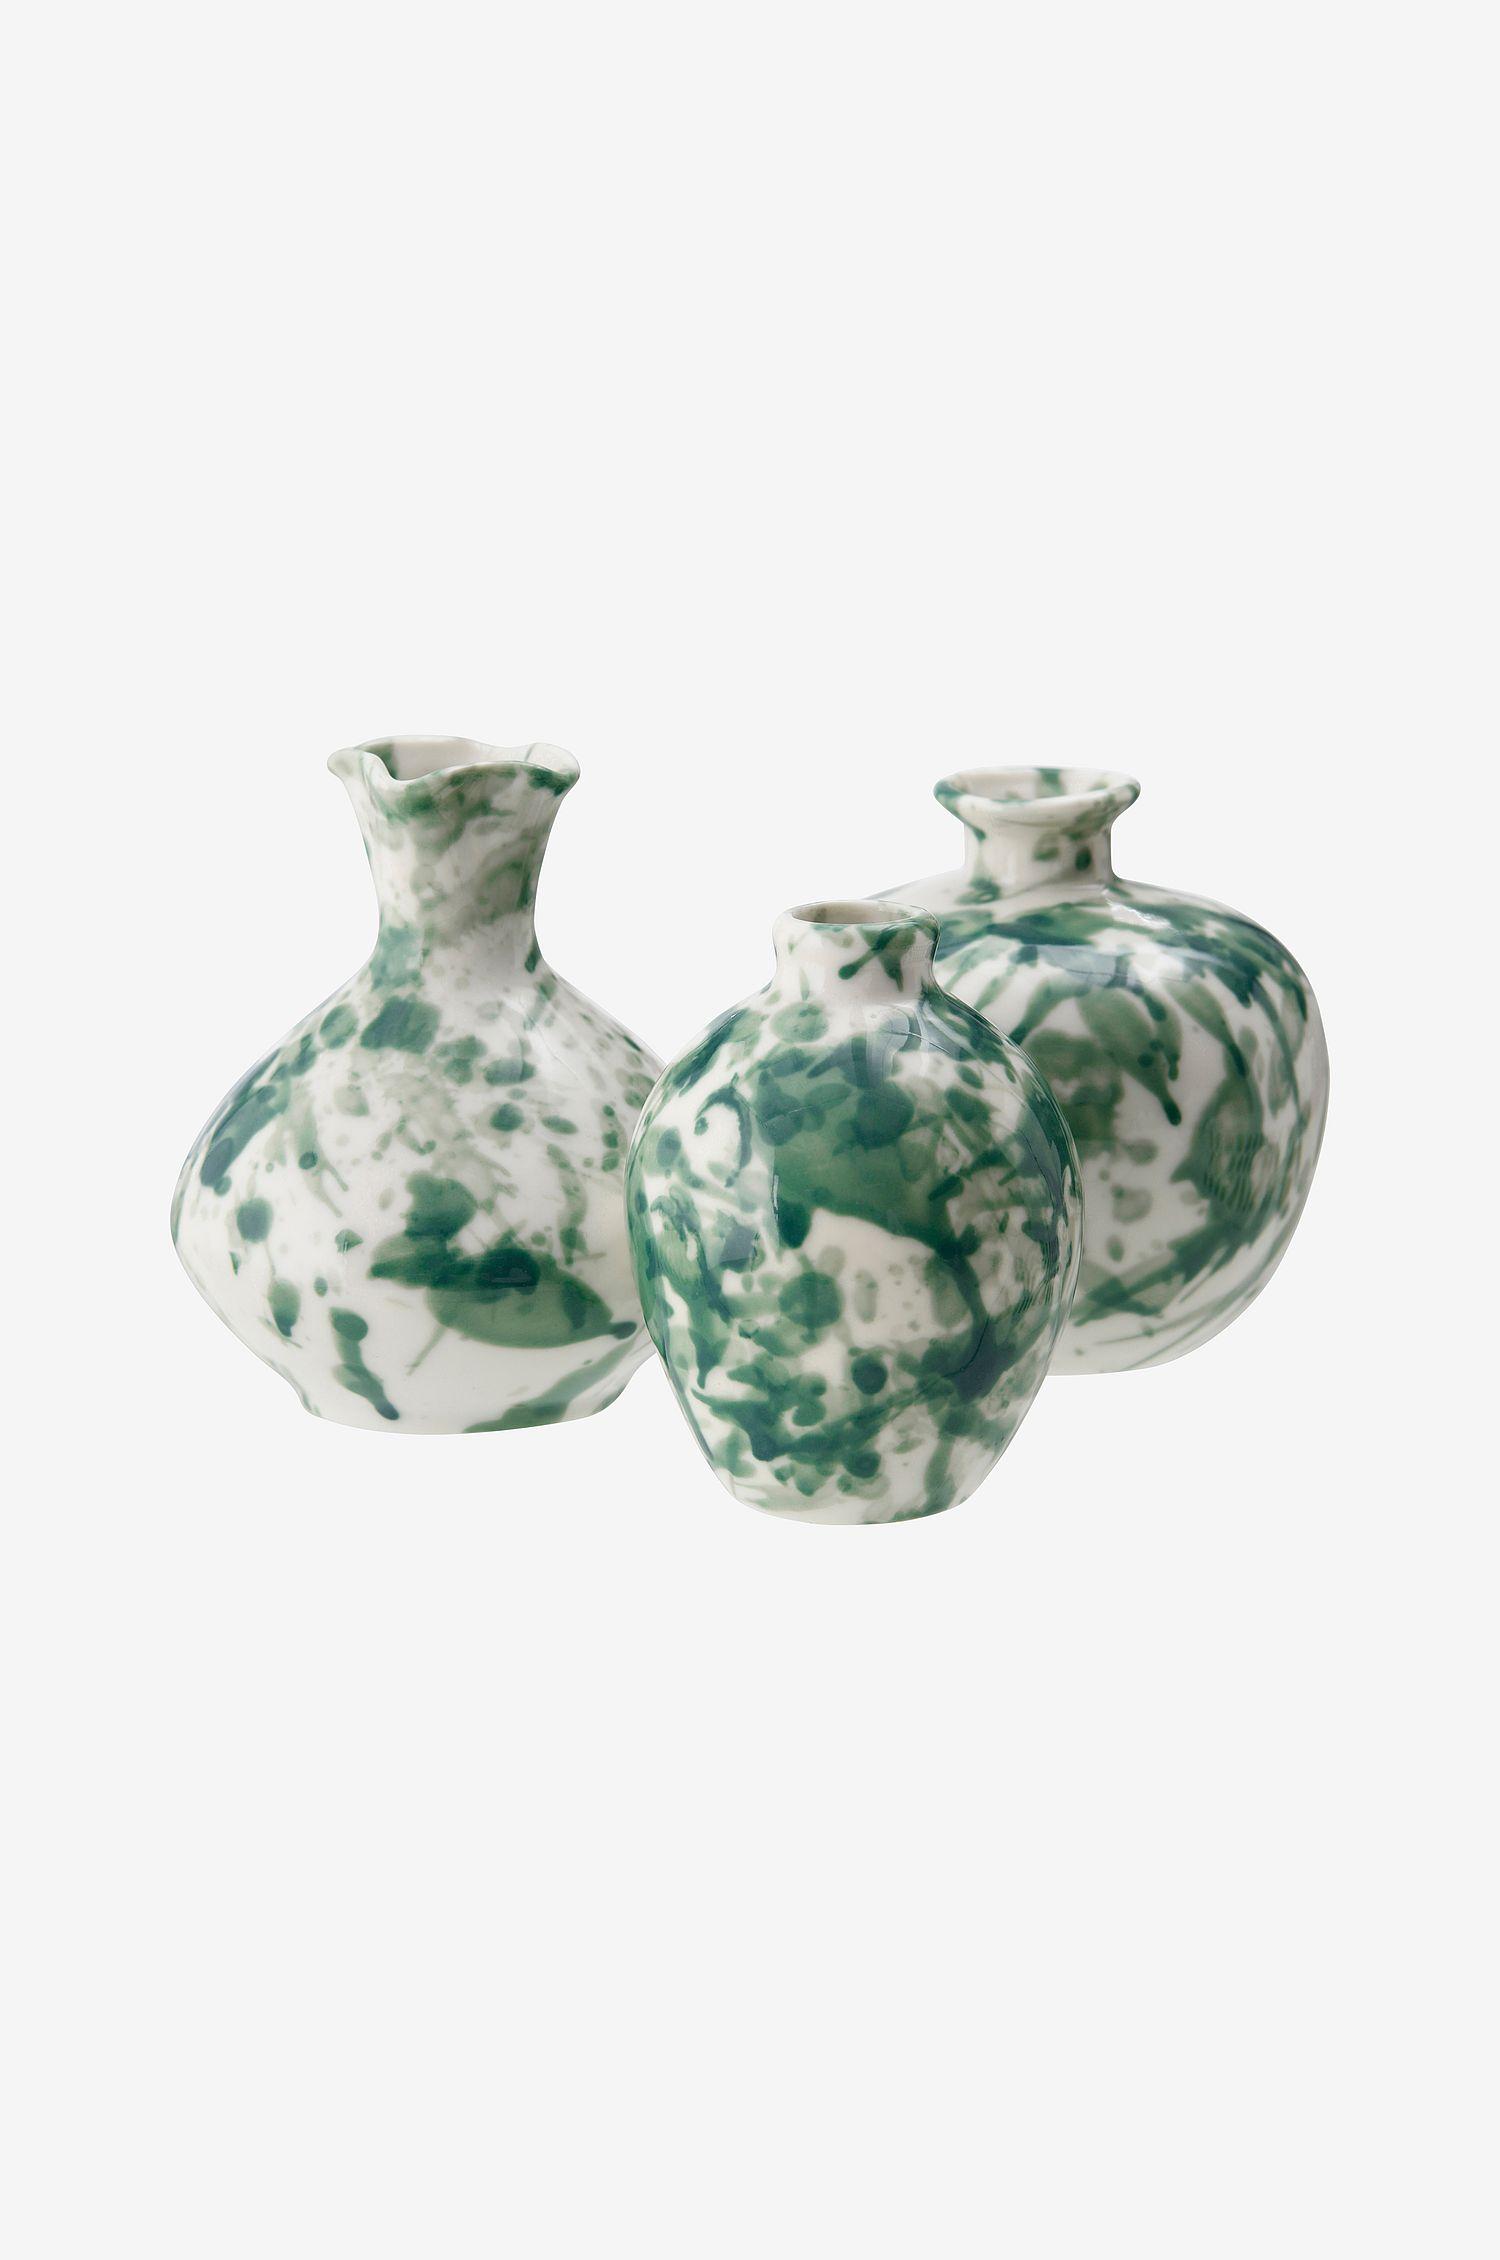 Tre små, grønne og hvite vaser